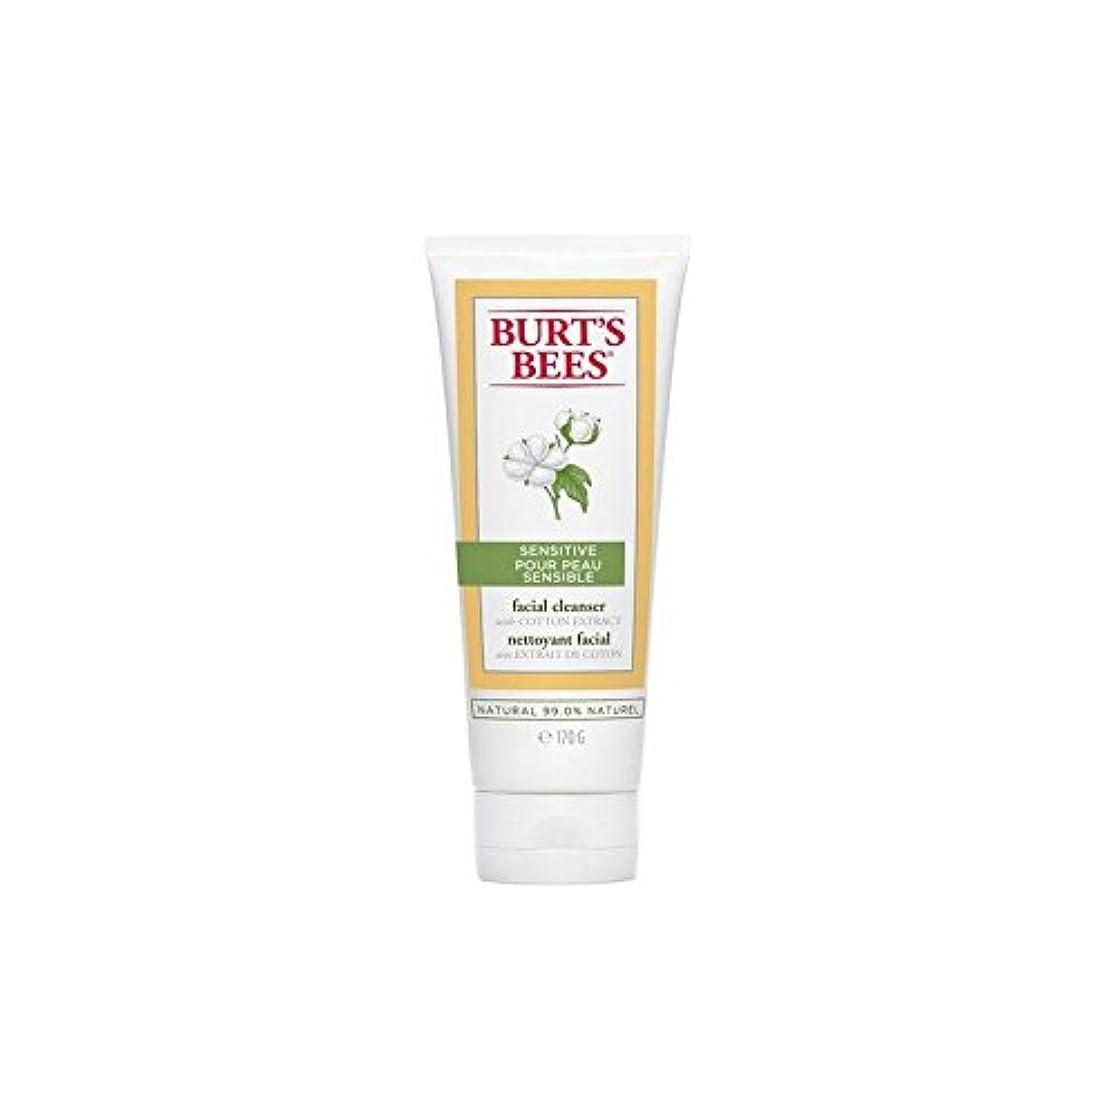 志す配分インサートバーツビー敏感な洗顔料の170グラム x4 - Burt's Bees Sensitive Facial Cleanser 170G (Pack of 4) [並行輸入品]